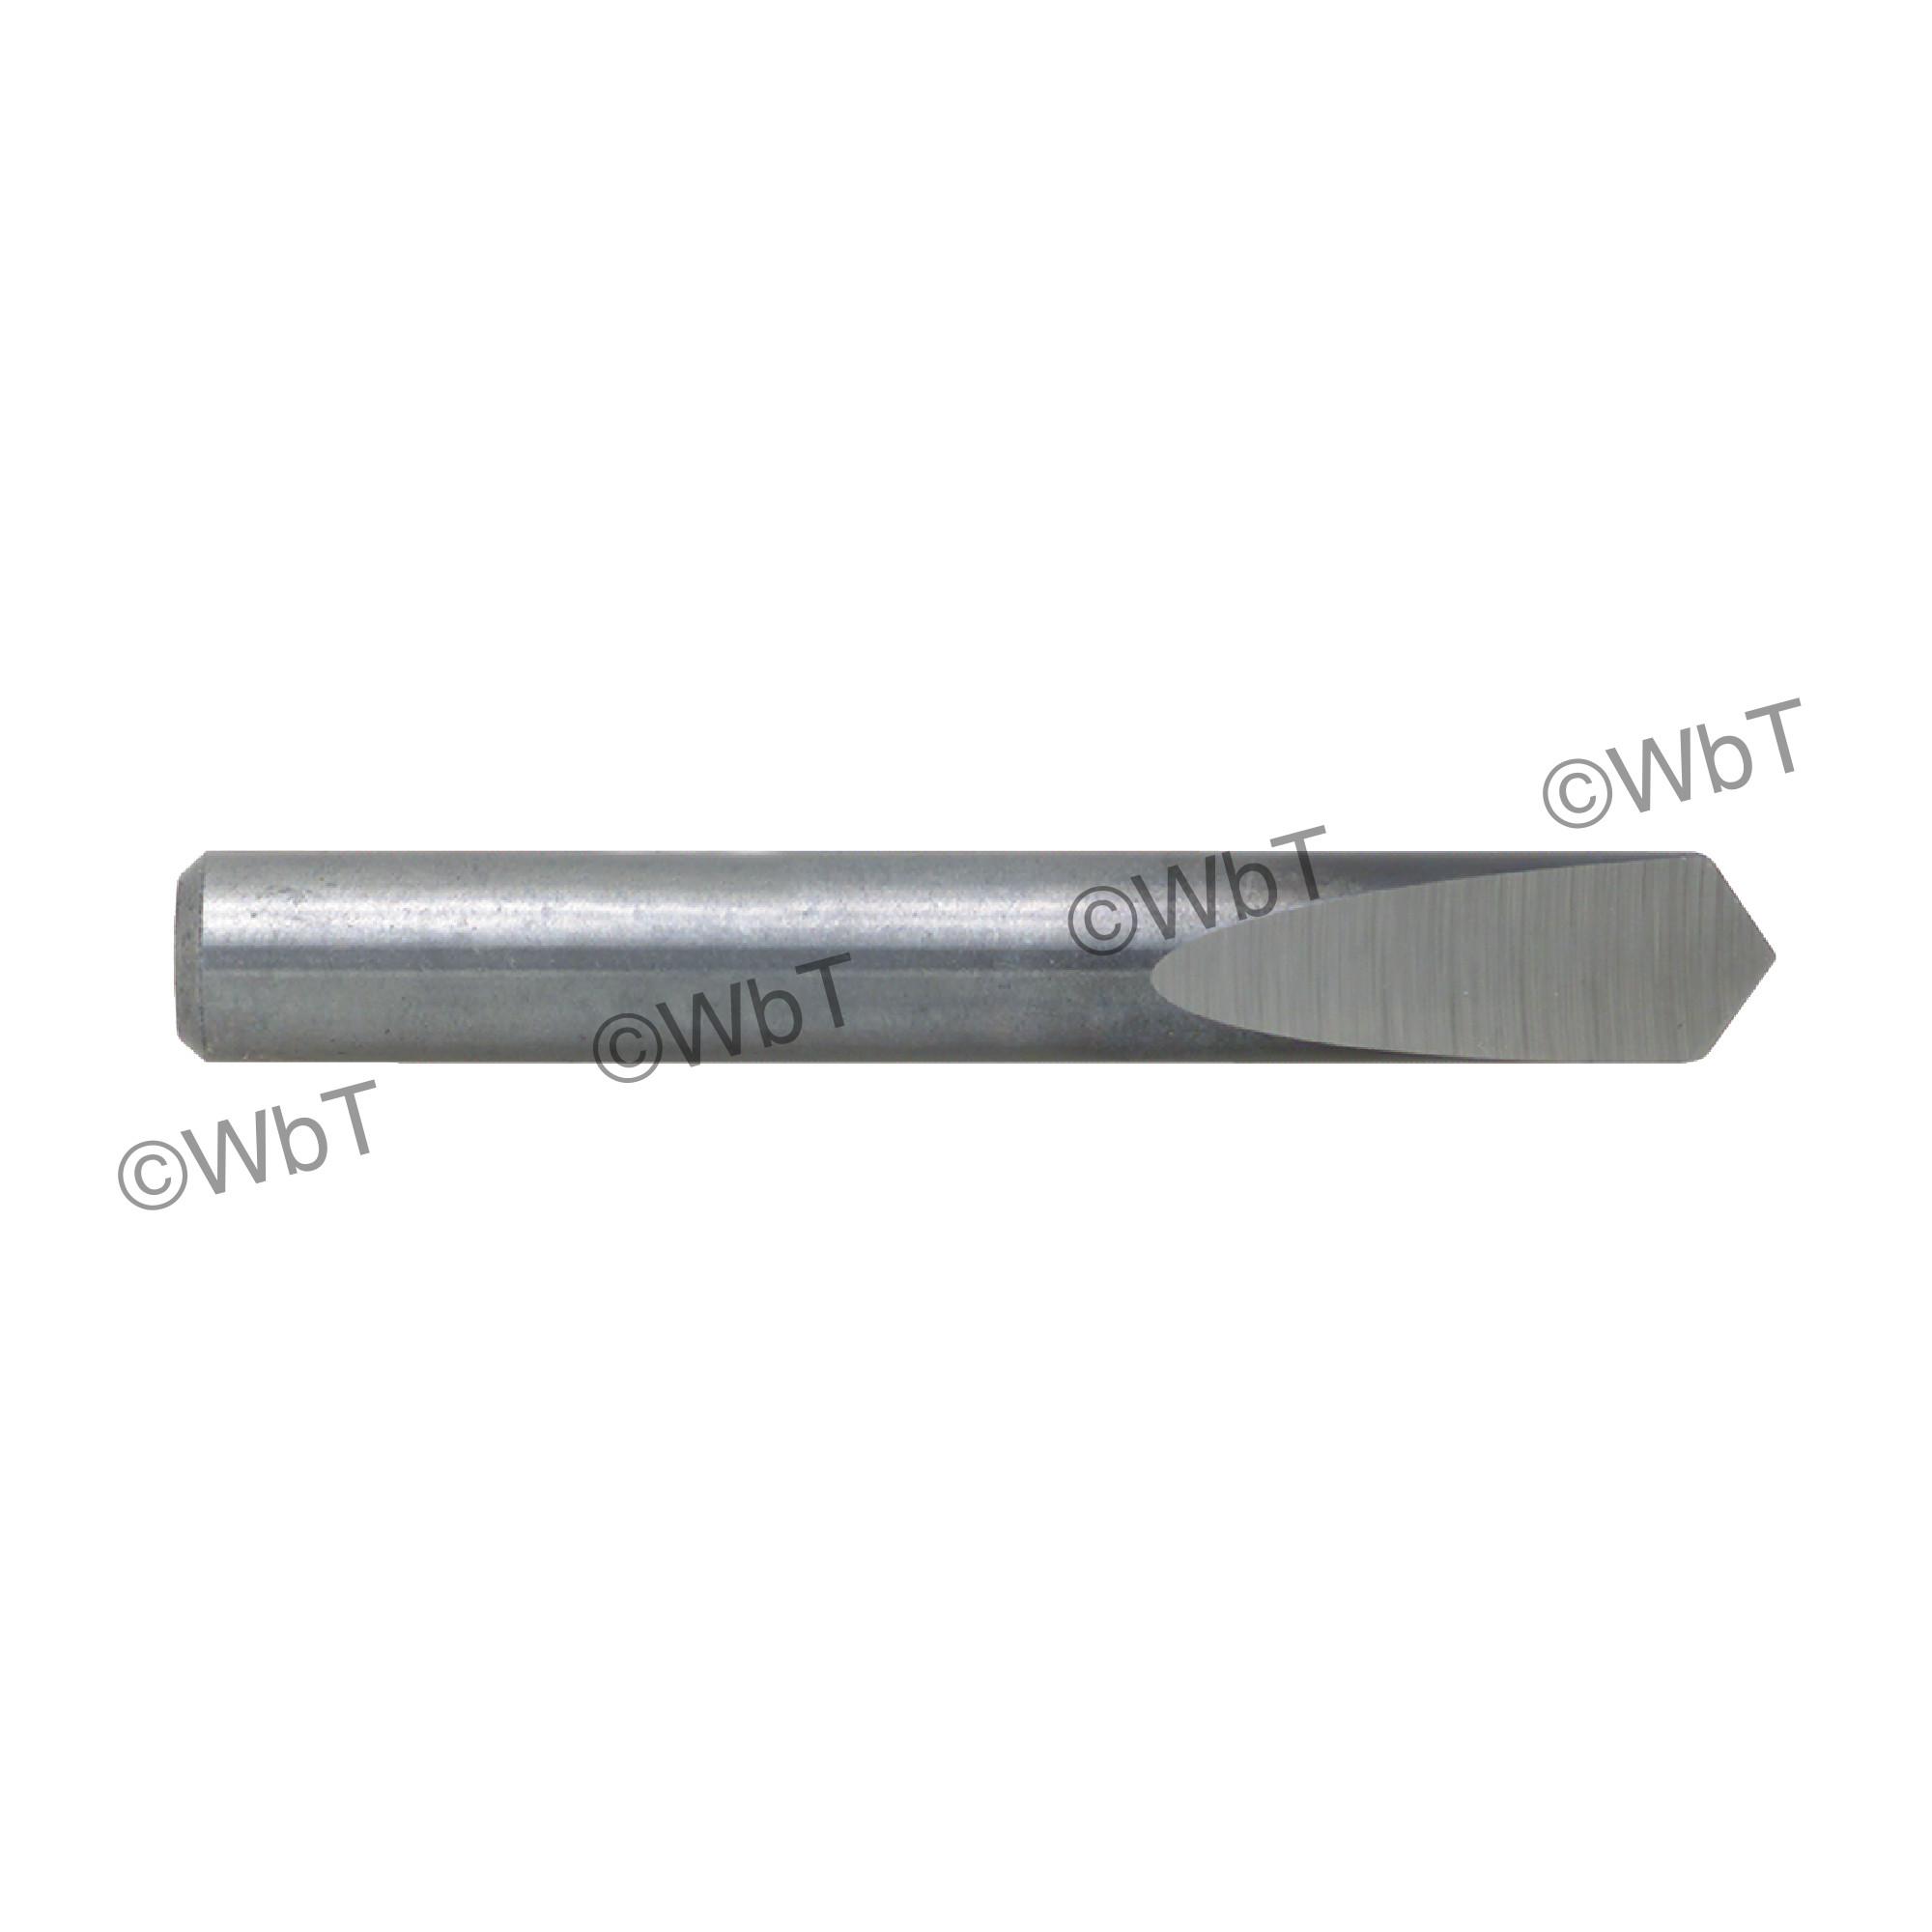 Solid Carbide Spade Drills